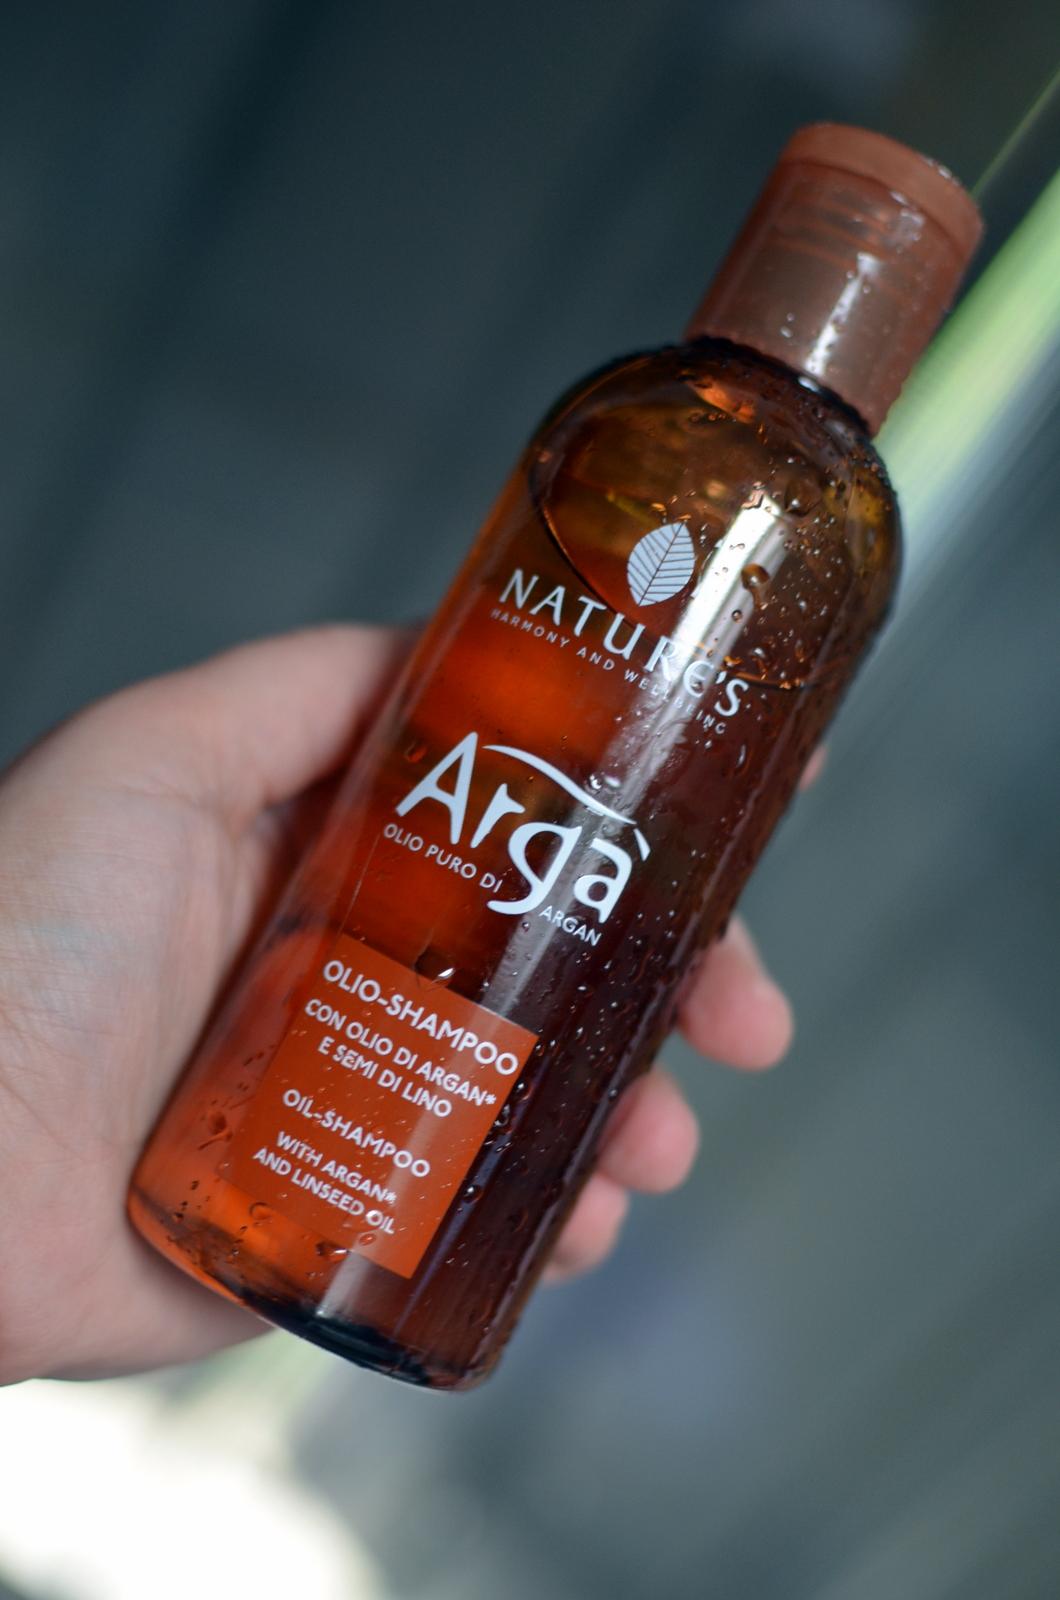 shampoo balsamo e olio di argan (4)